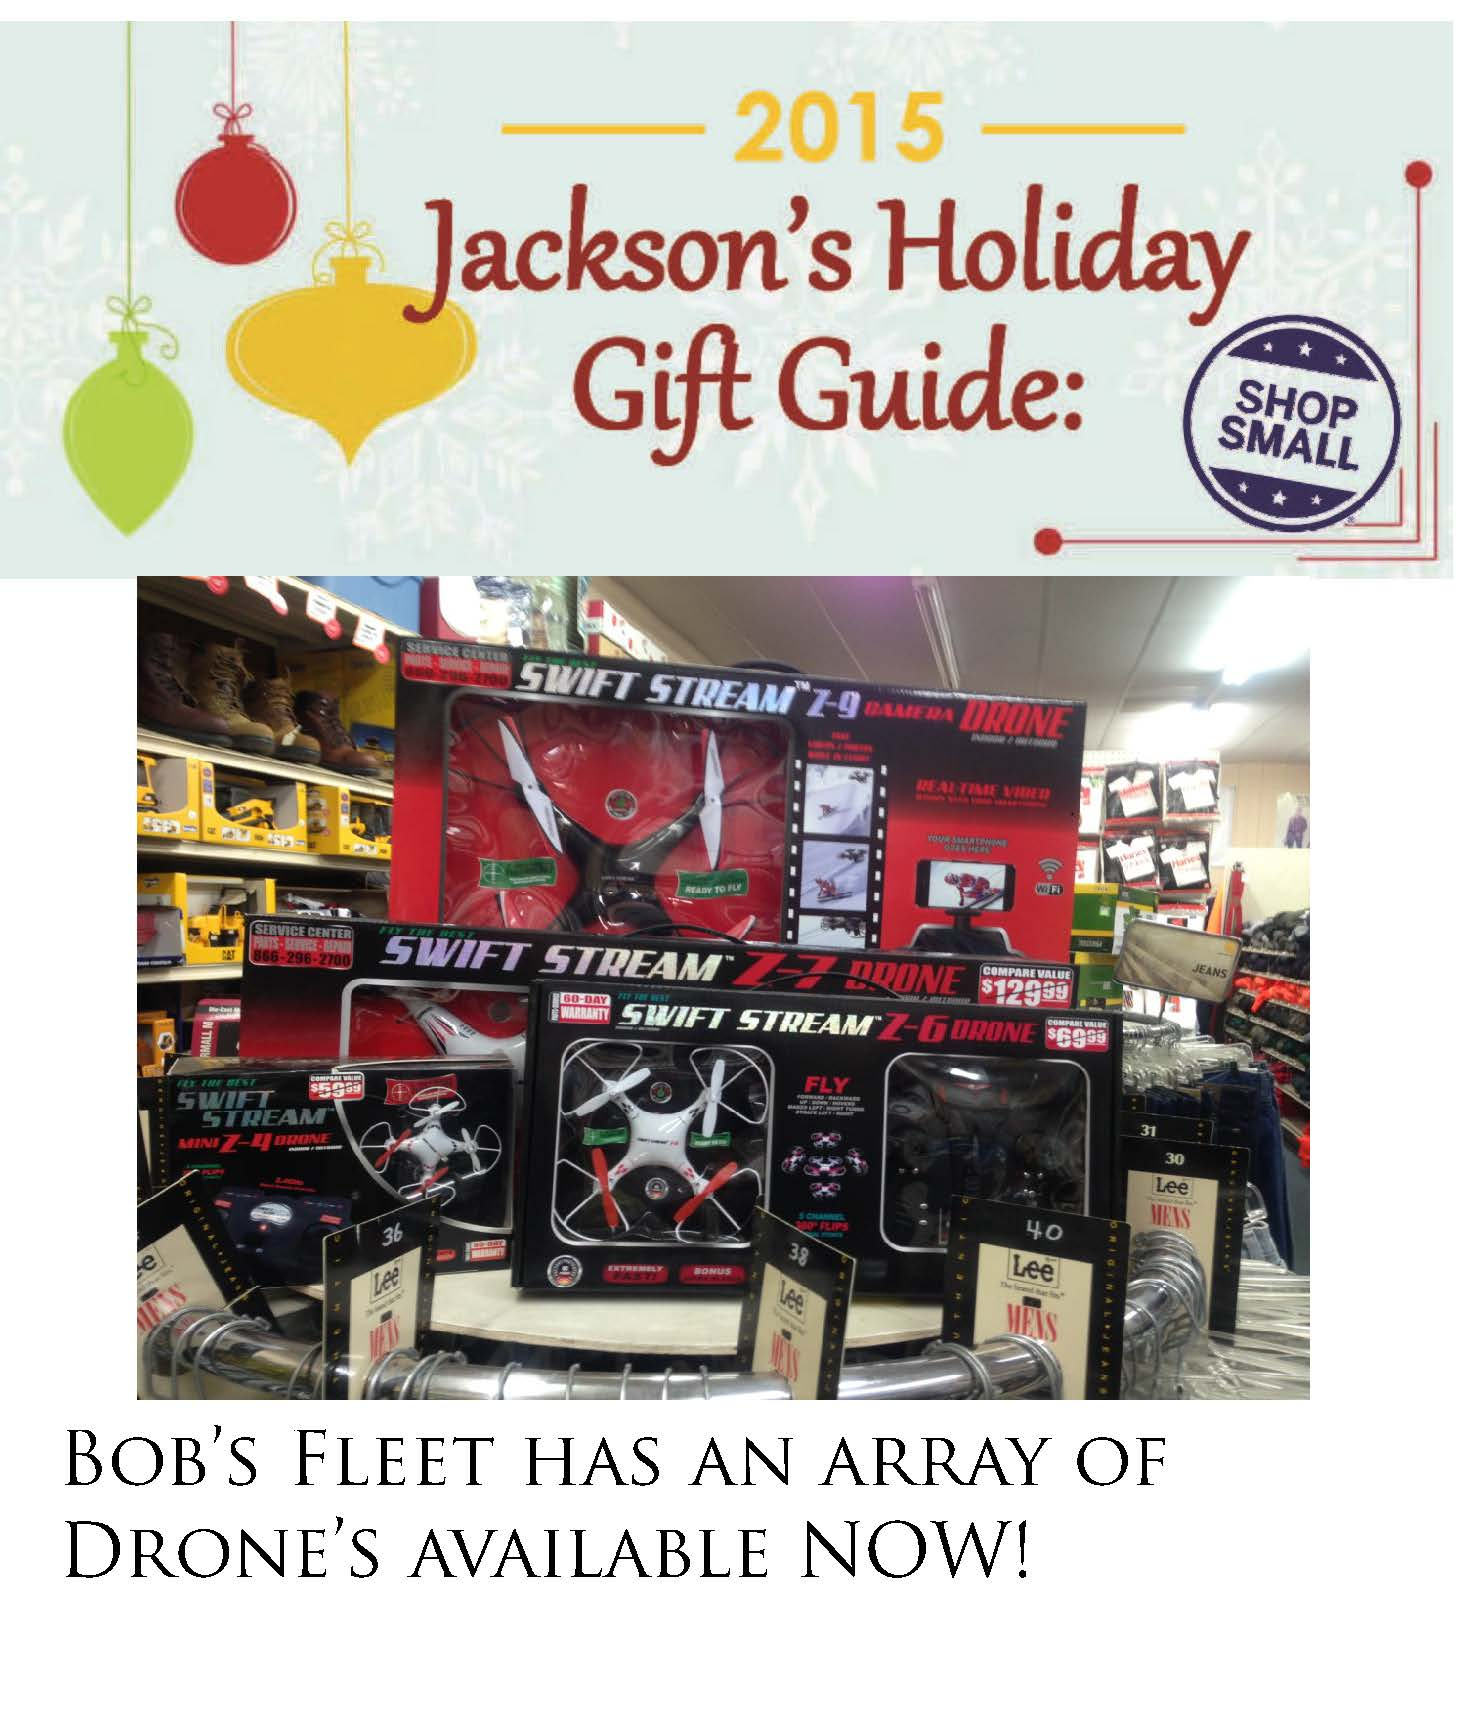 Gift_Guide_Bob's_Fleet.jpg